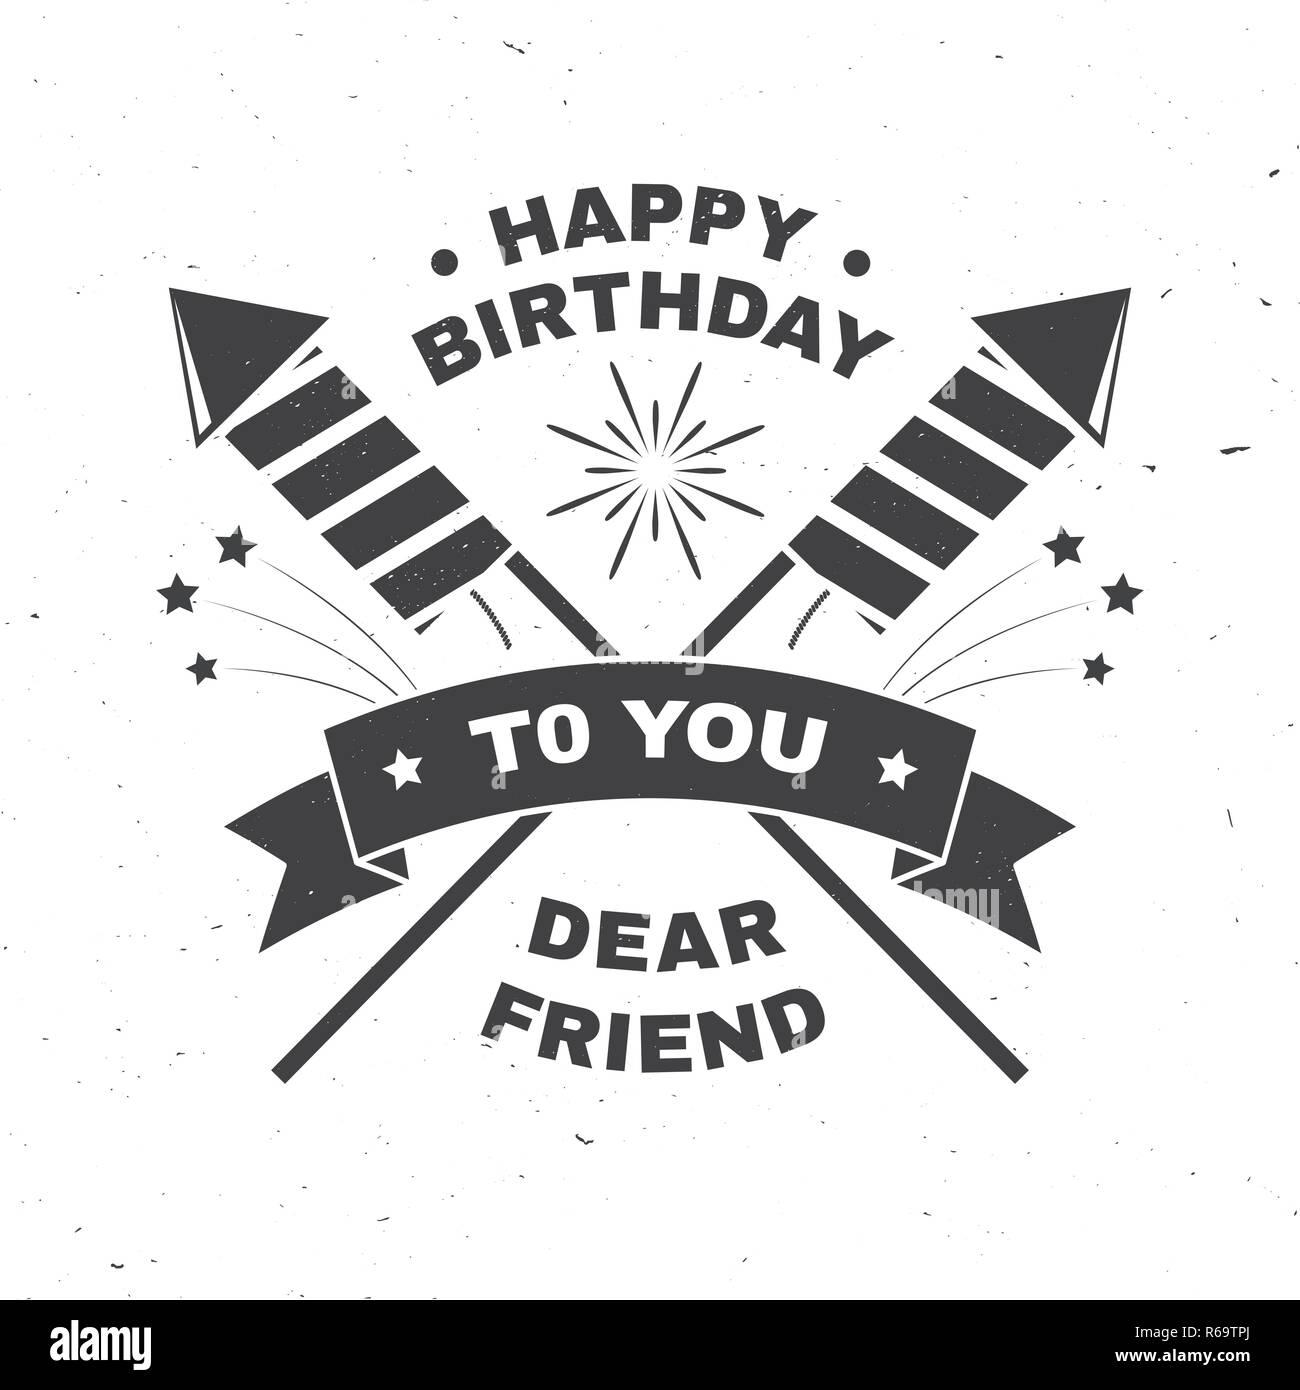 Herzlichen Glückwunsch Zum Geburtstag Lieber Freund